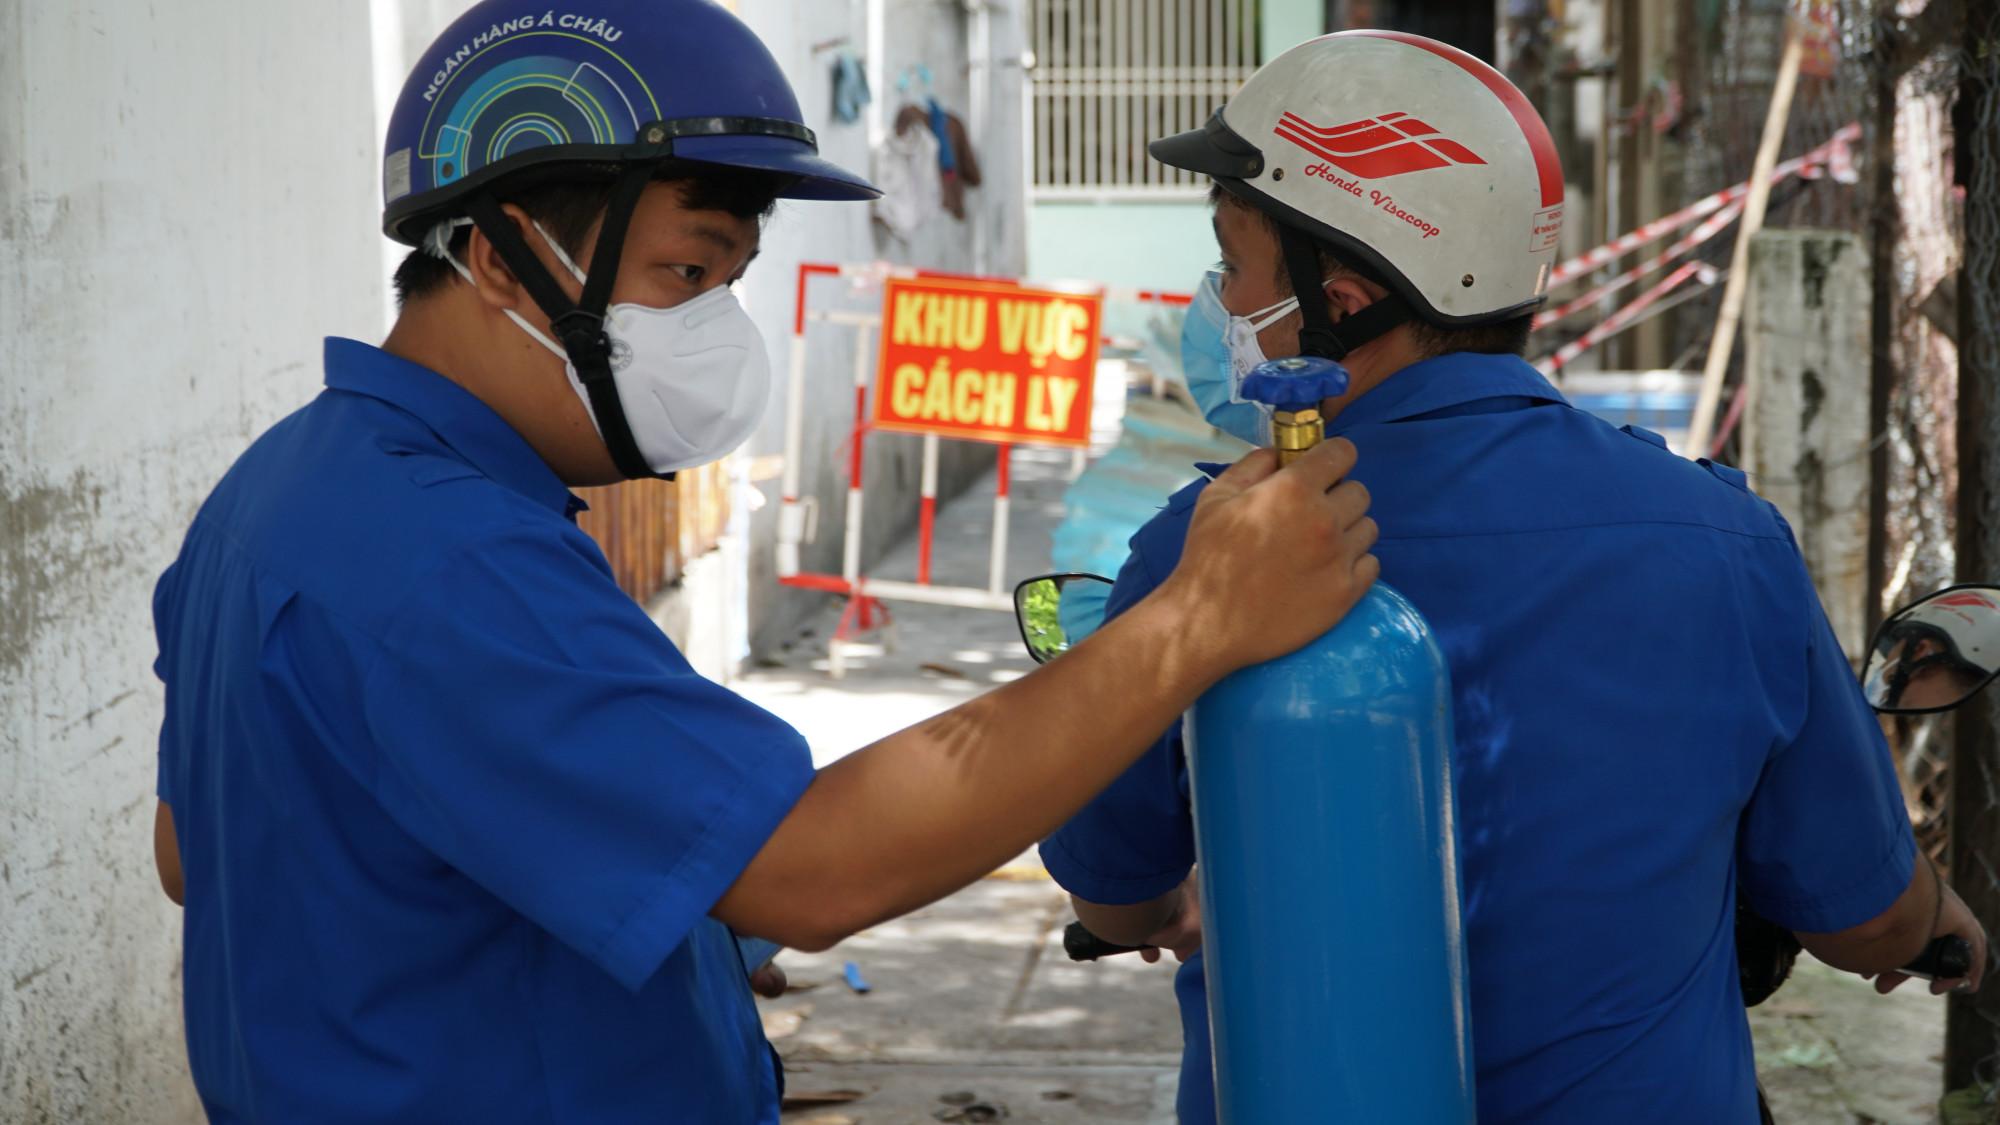 Các đoàn viên sẽ vận chuyển Oxy vào tận nhà cho các  F0, F1 đang thực hiện cách ly tại nhà không thể đem bình oxy đi đổi.